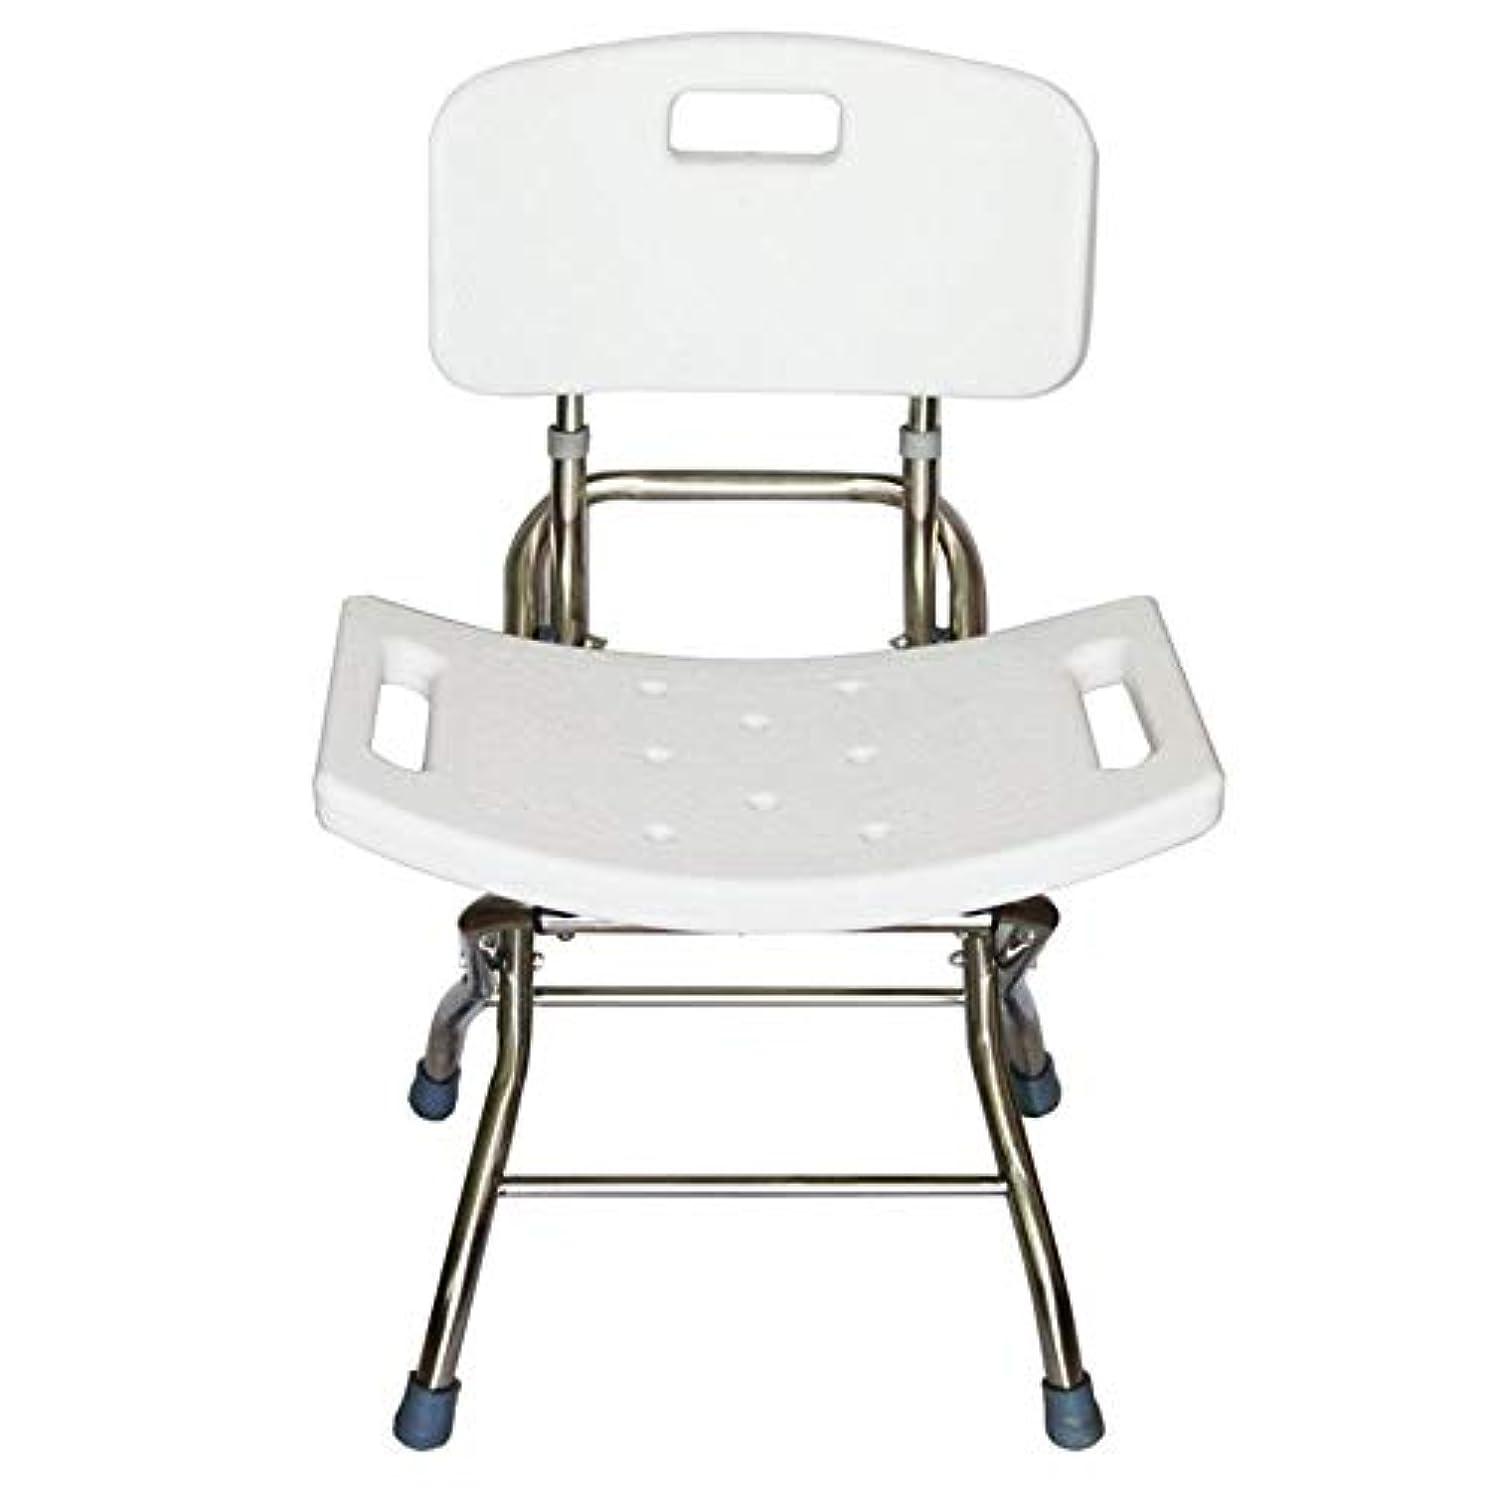 委任するネックレット断片背部およびシャワー?ヘッドのホールダーが付いているデラックスな高さの調節可能なアルミニウムBath/シャワーの椅子